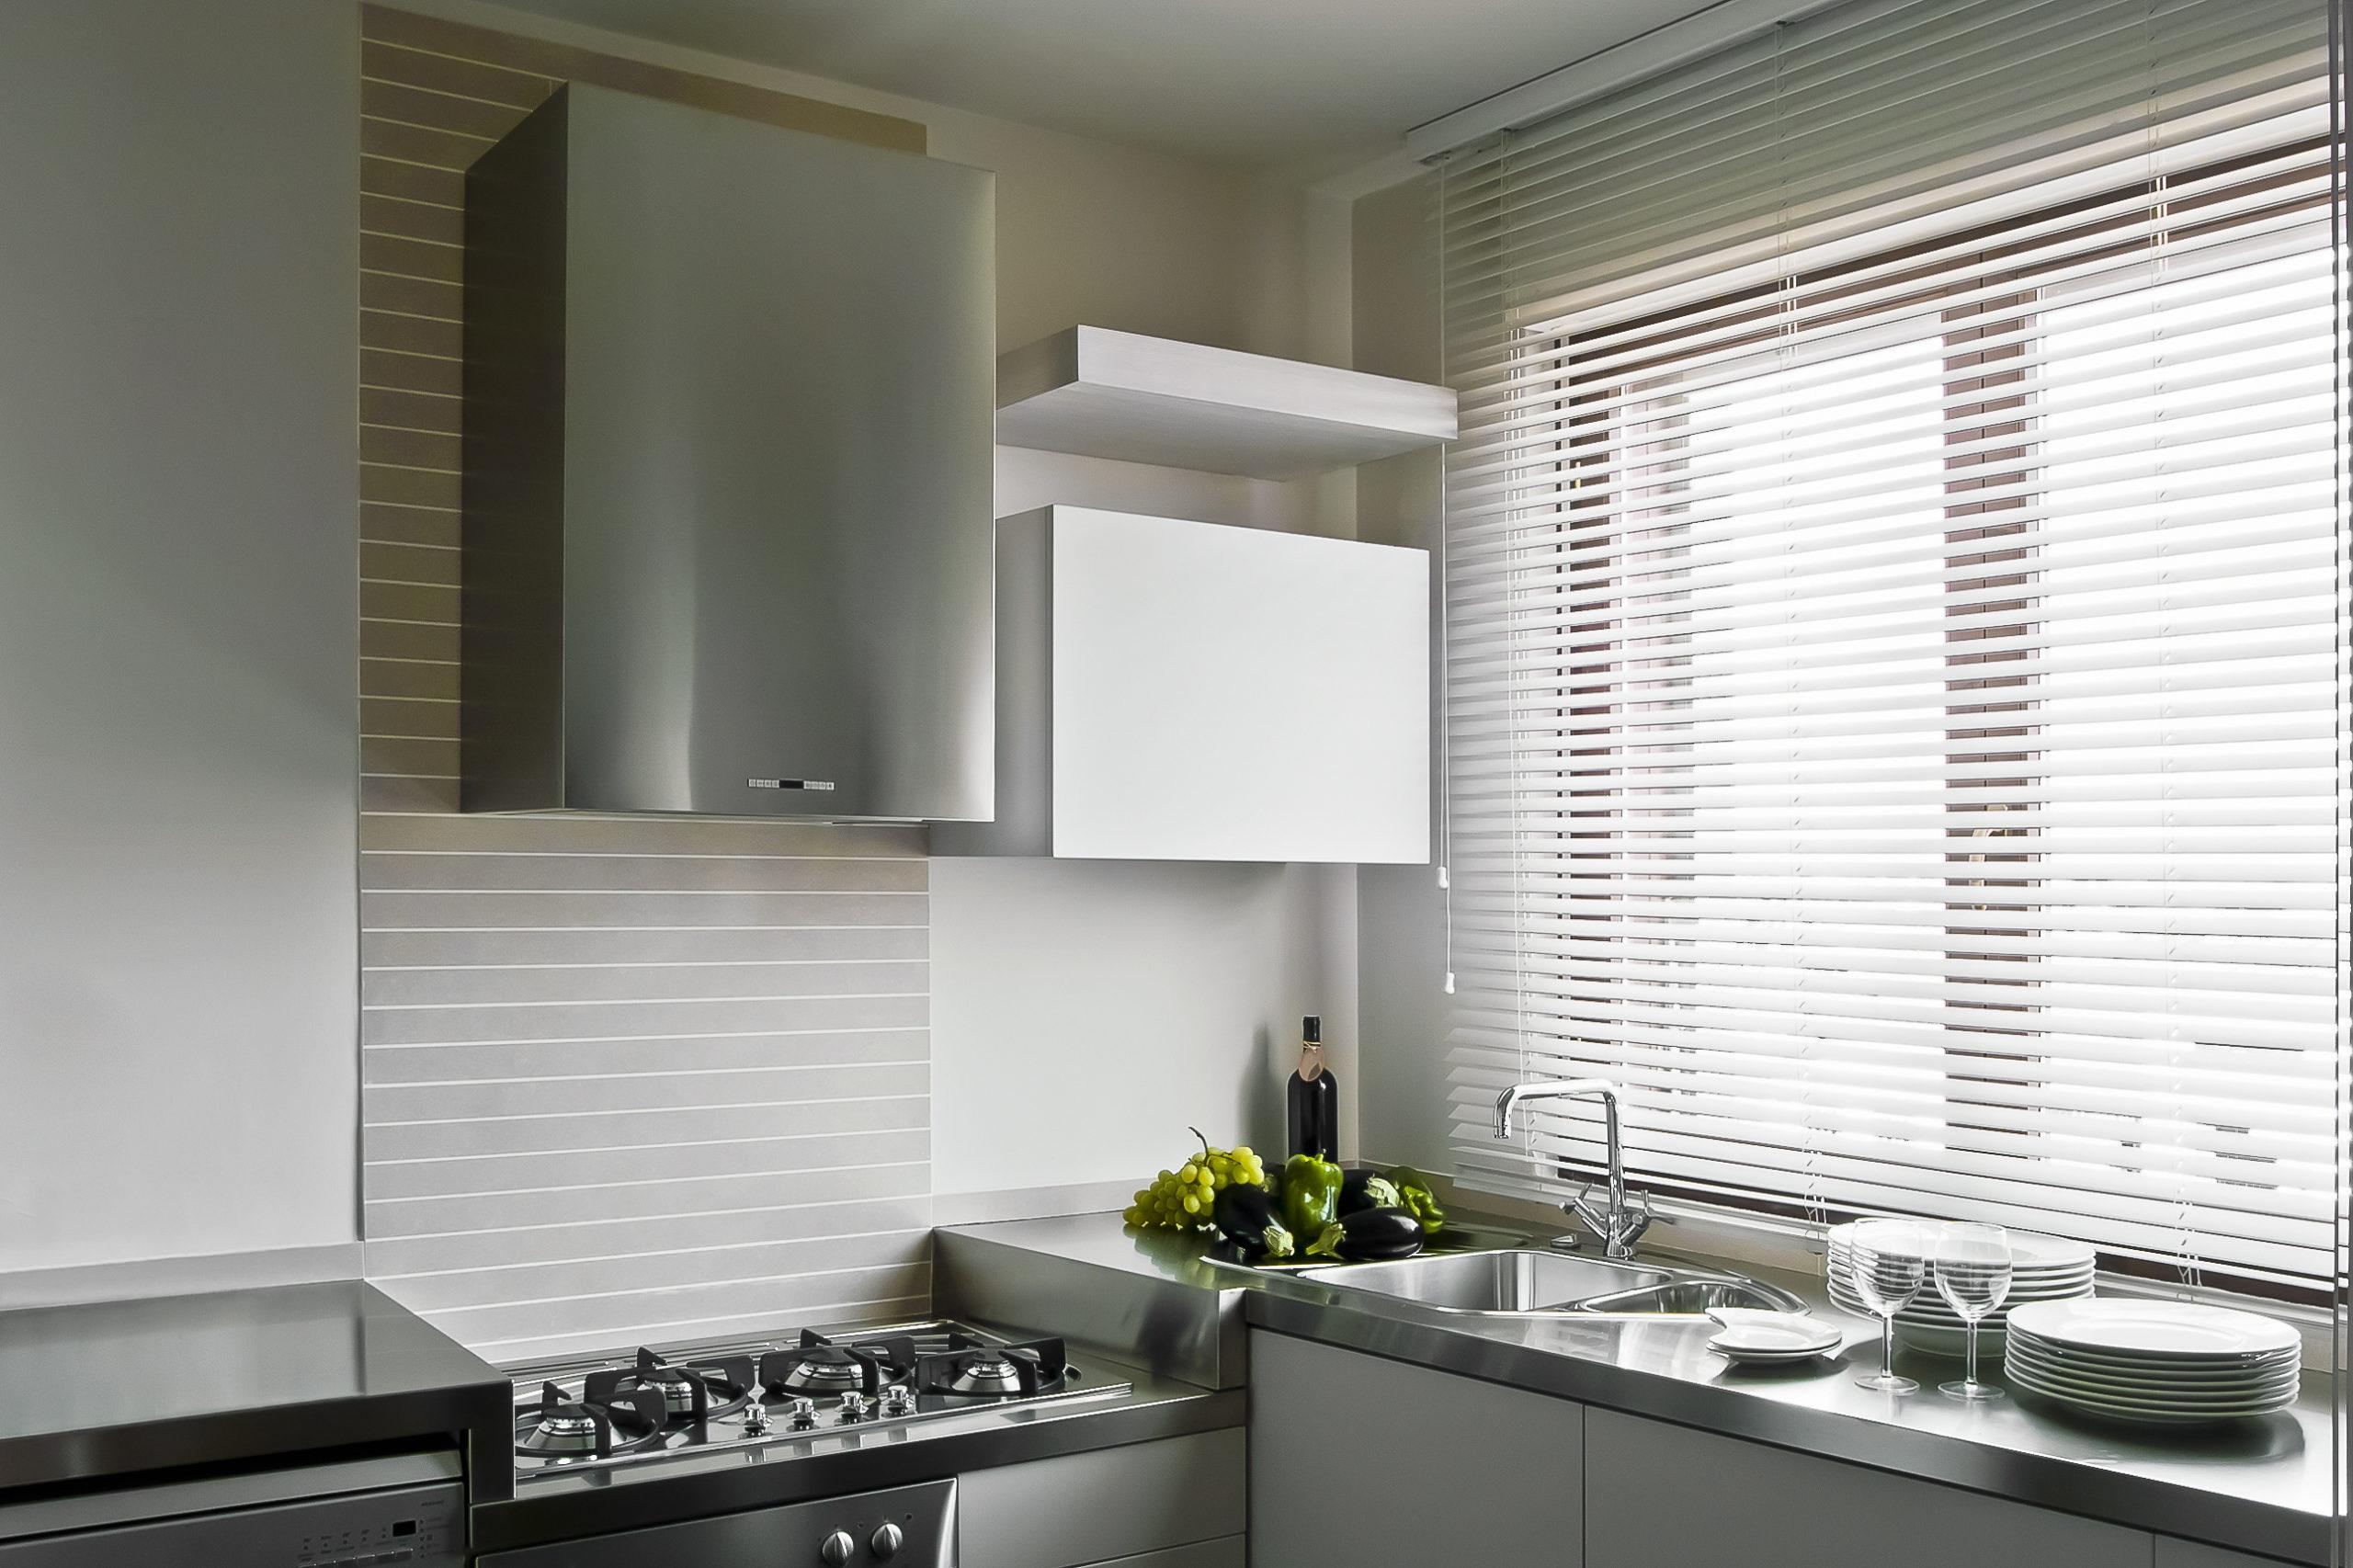 502 Wohnbeispiel Küche